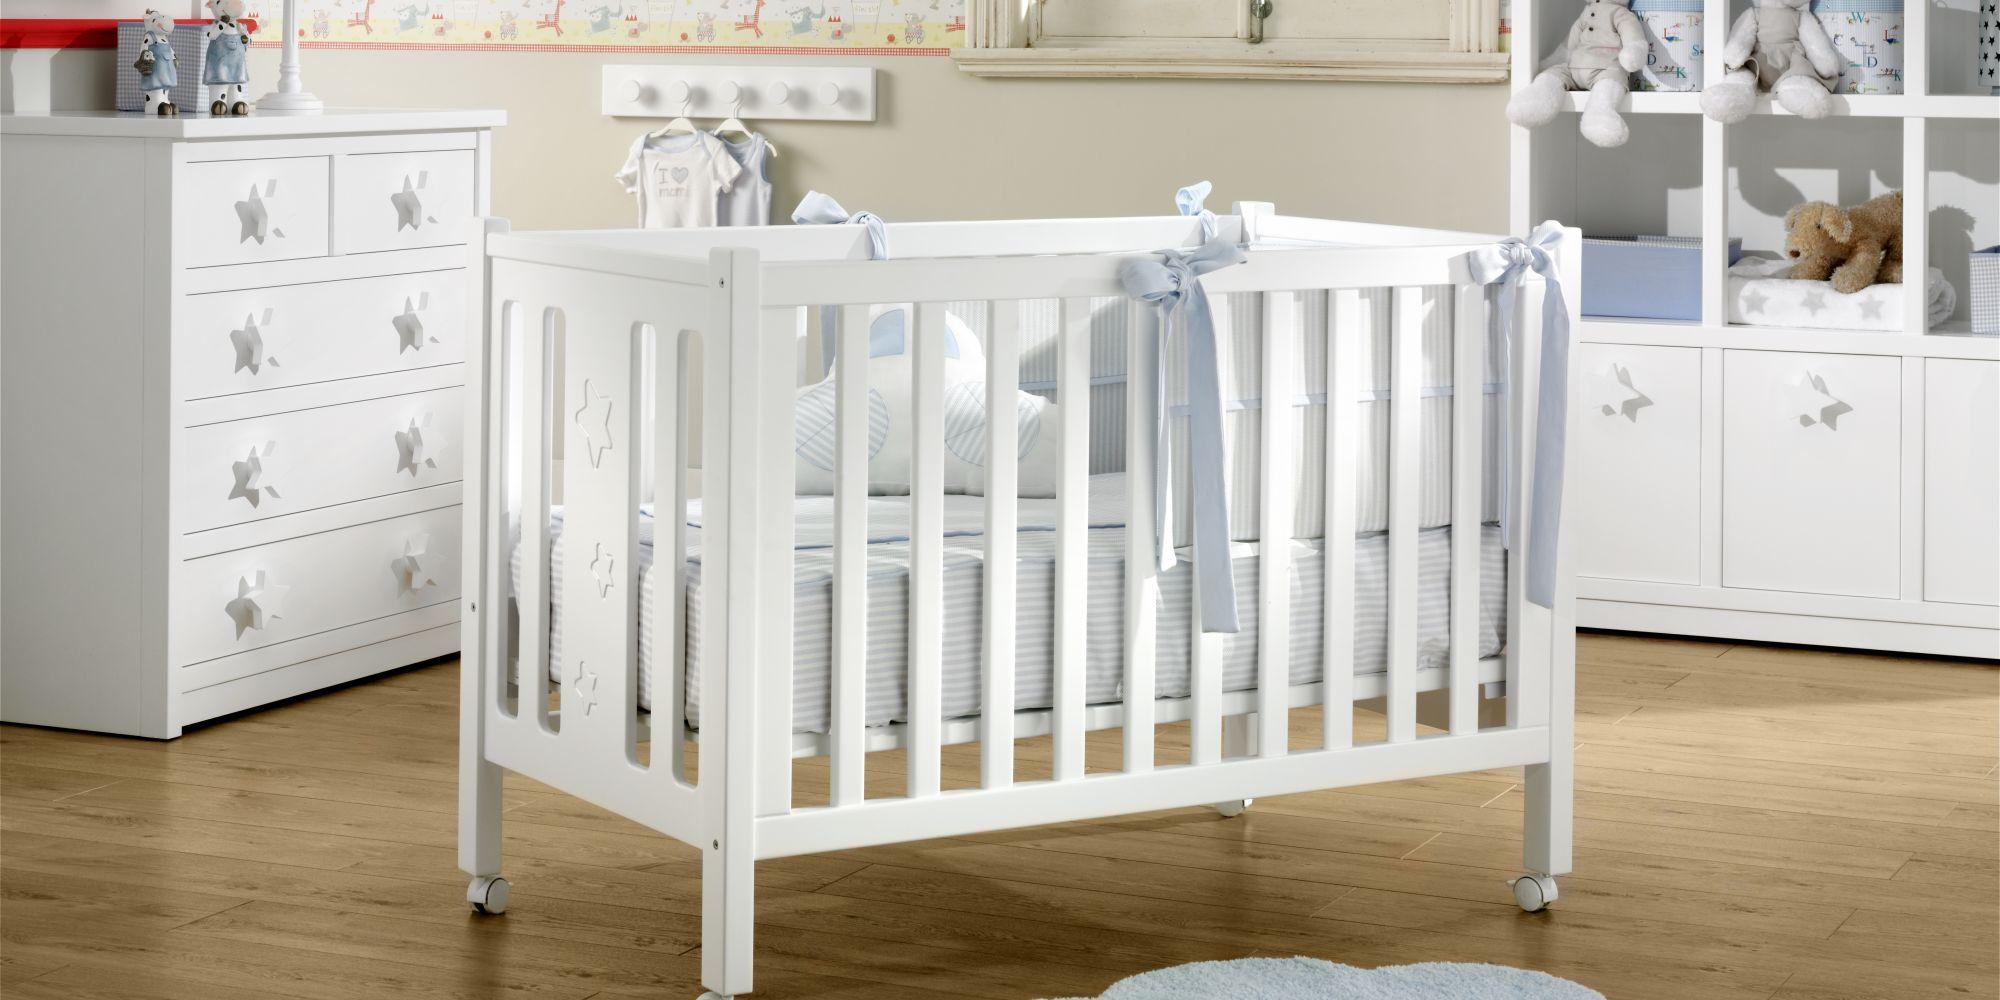 Cuna, cómoda de 3 cajones y librero estancia ideal para el confort de su bebe | Mueble de Bebé